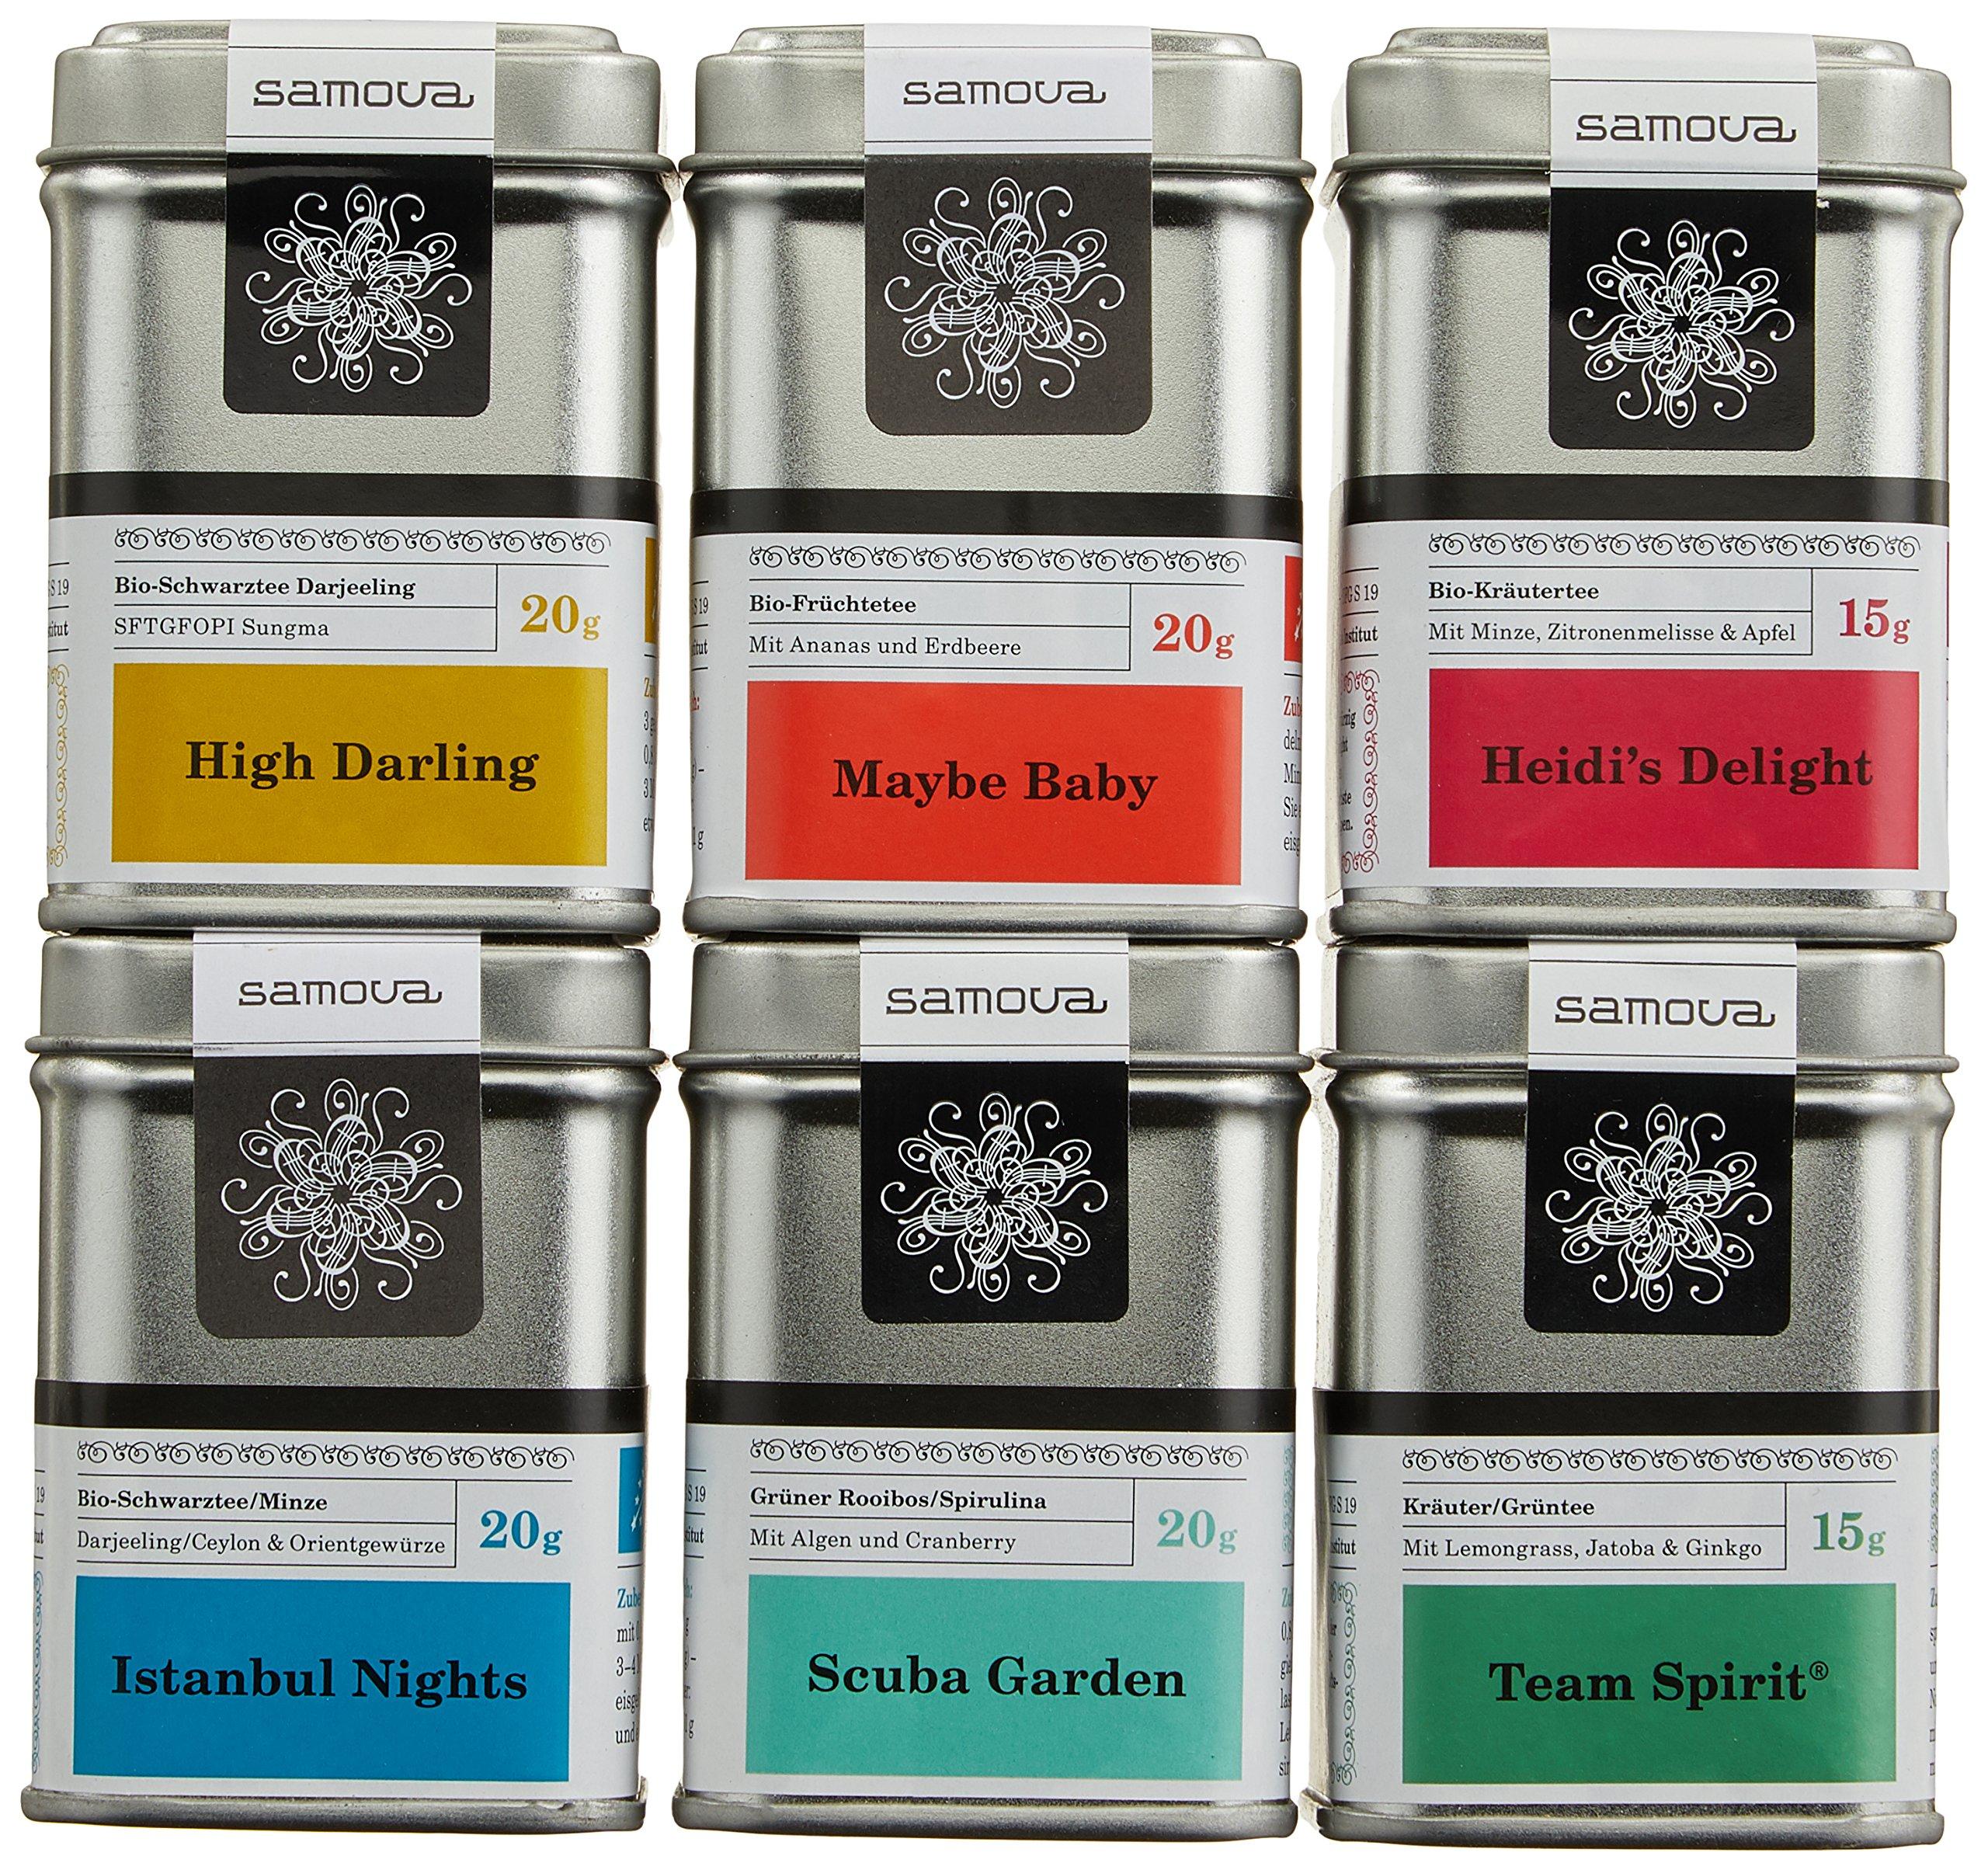 Samova-Tasting-Box-6er-Pack-6-Mini-Dosen-x-15-20g